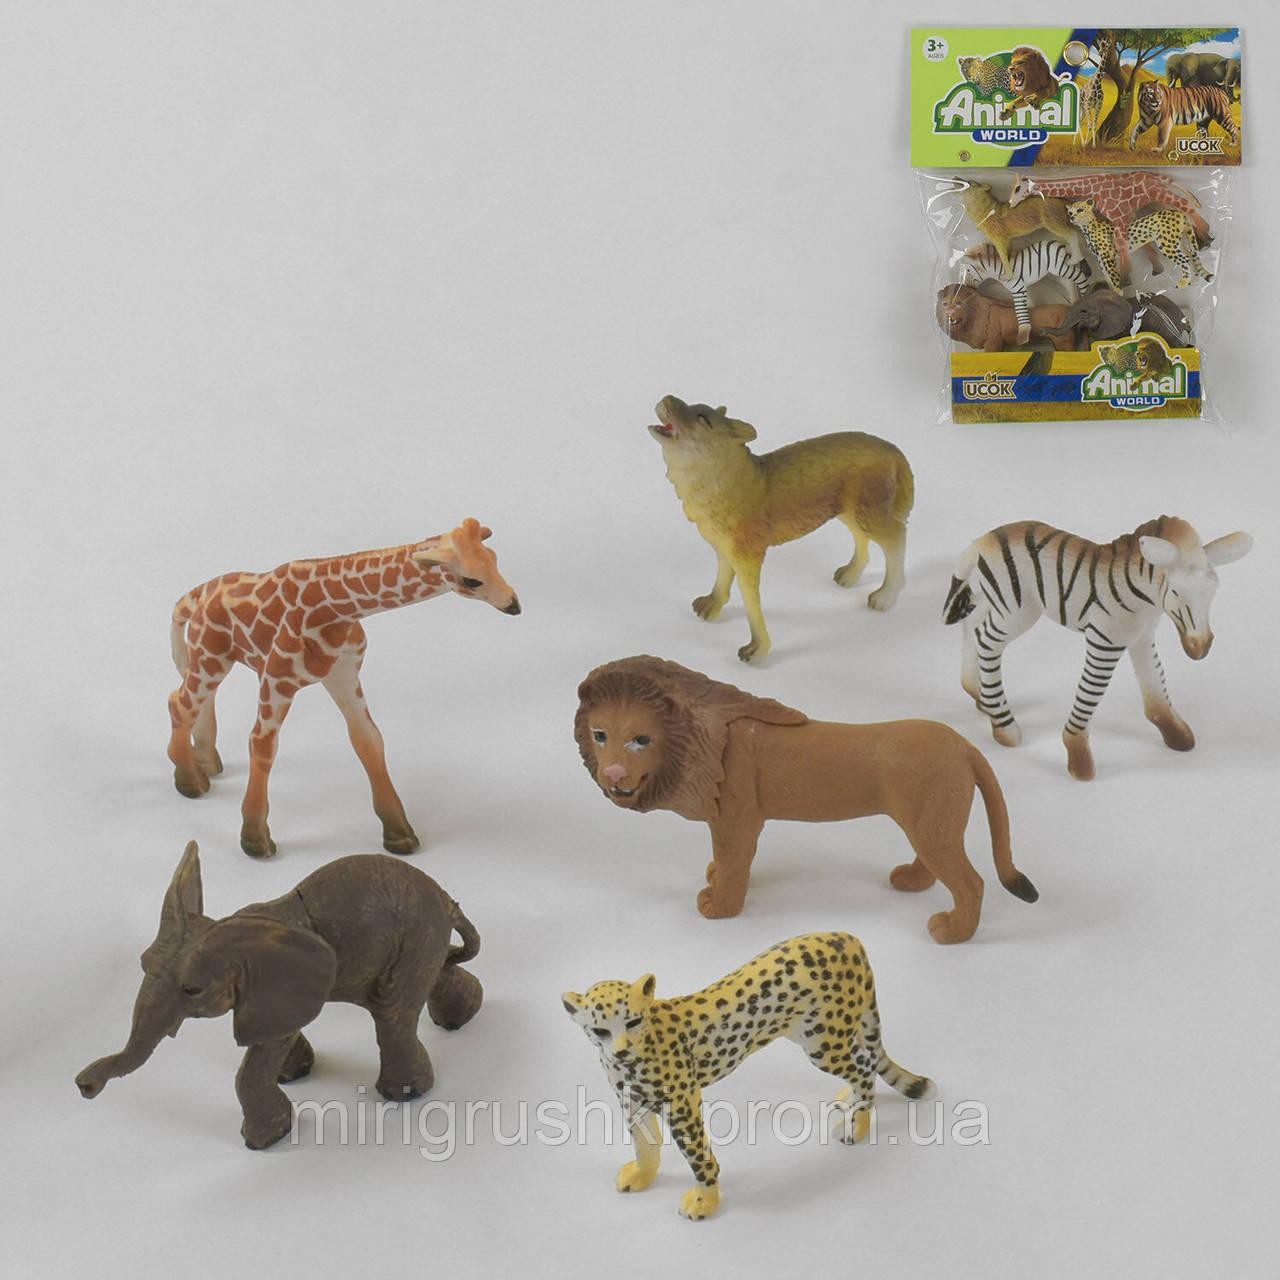 Набор диких животных 2Y 306001 (85999) в кульке